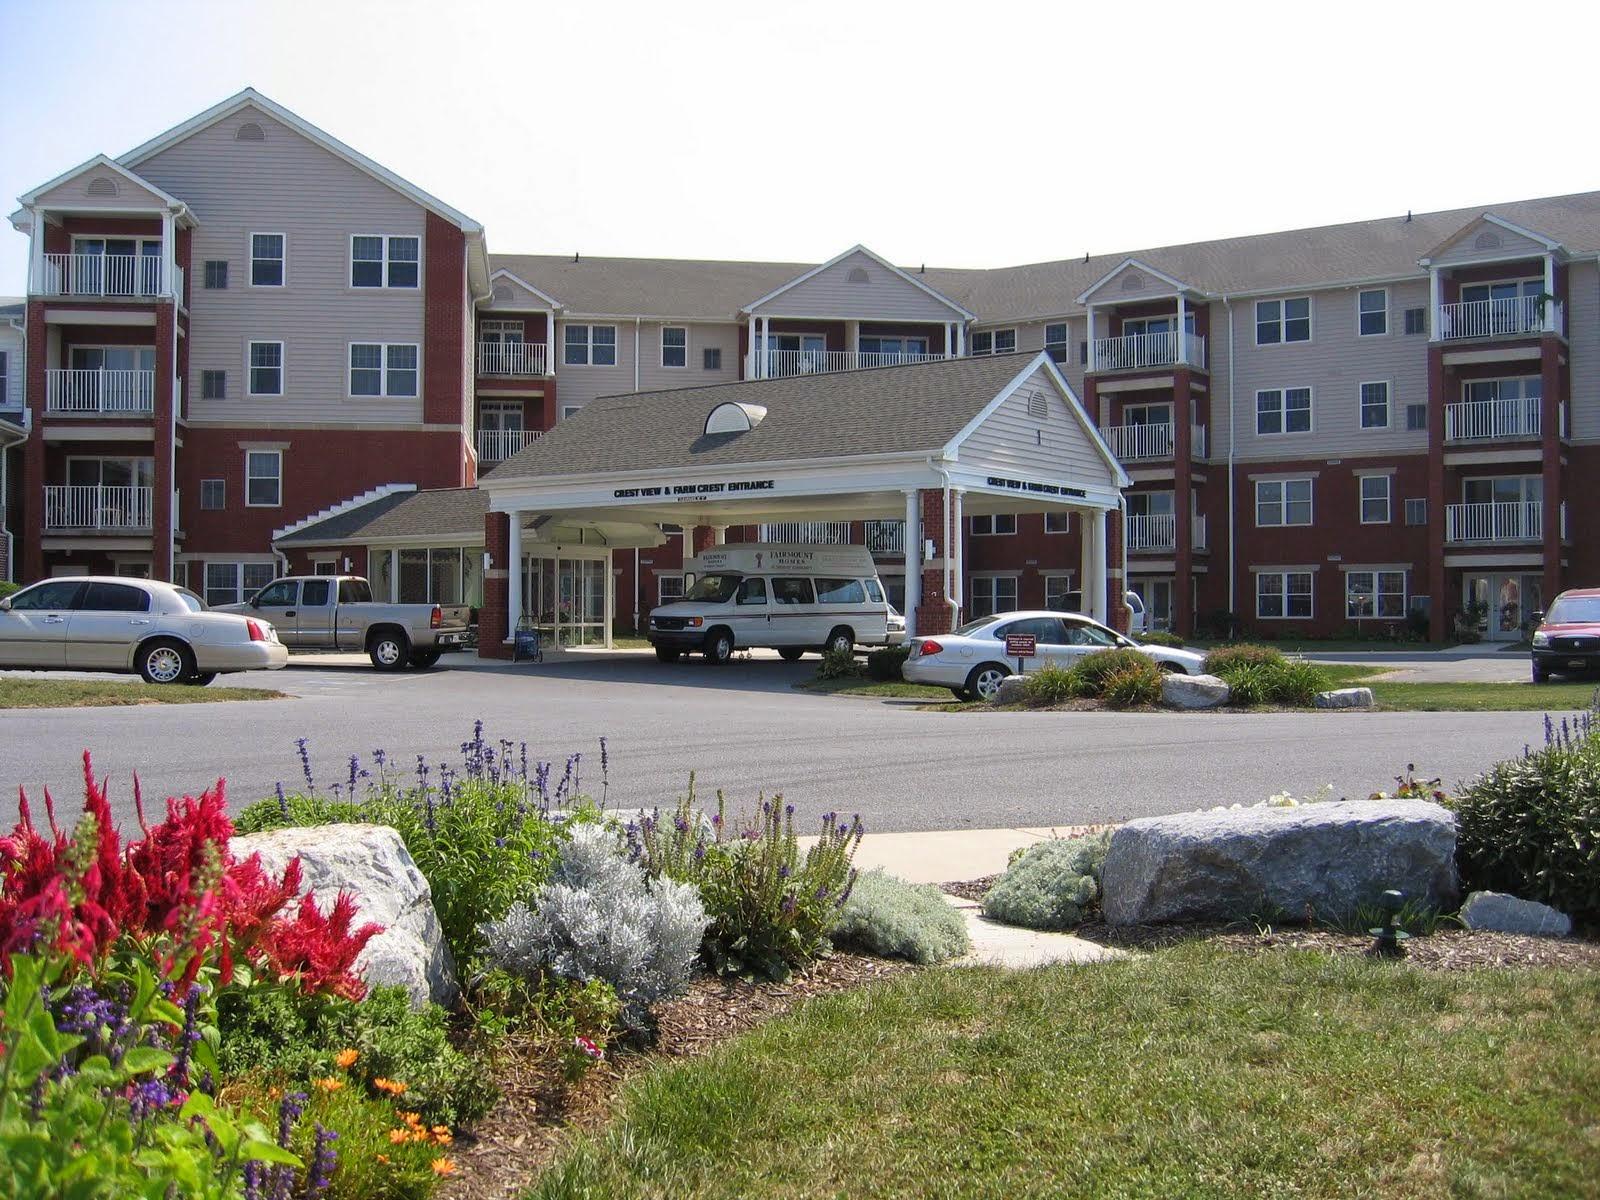 Crest View apartment building